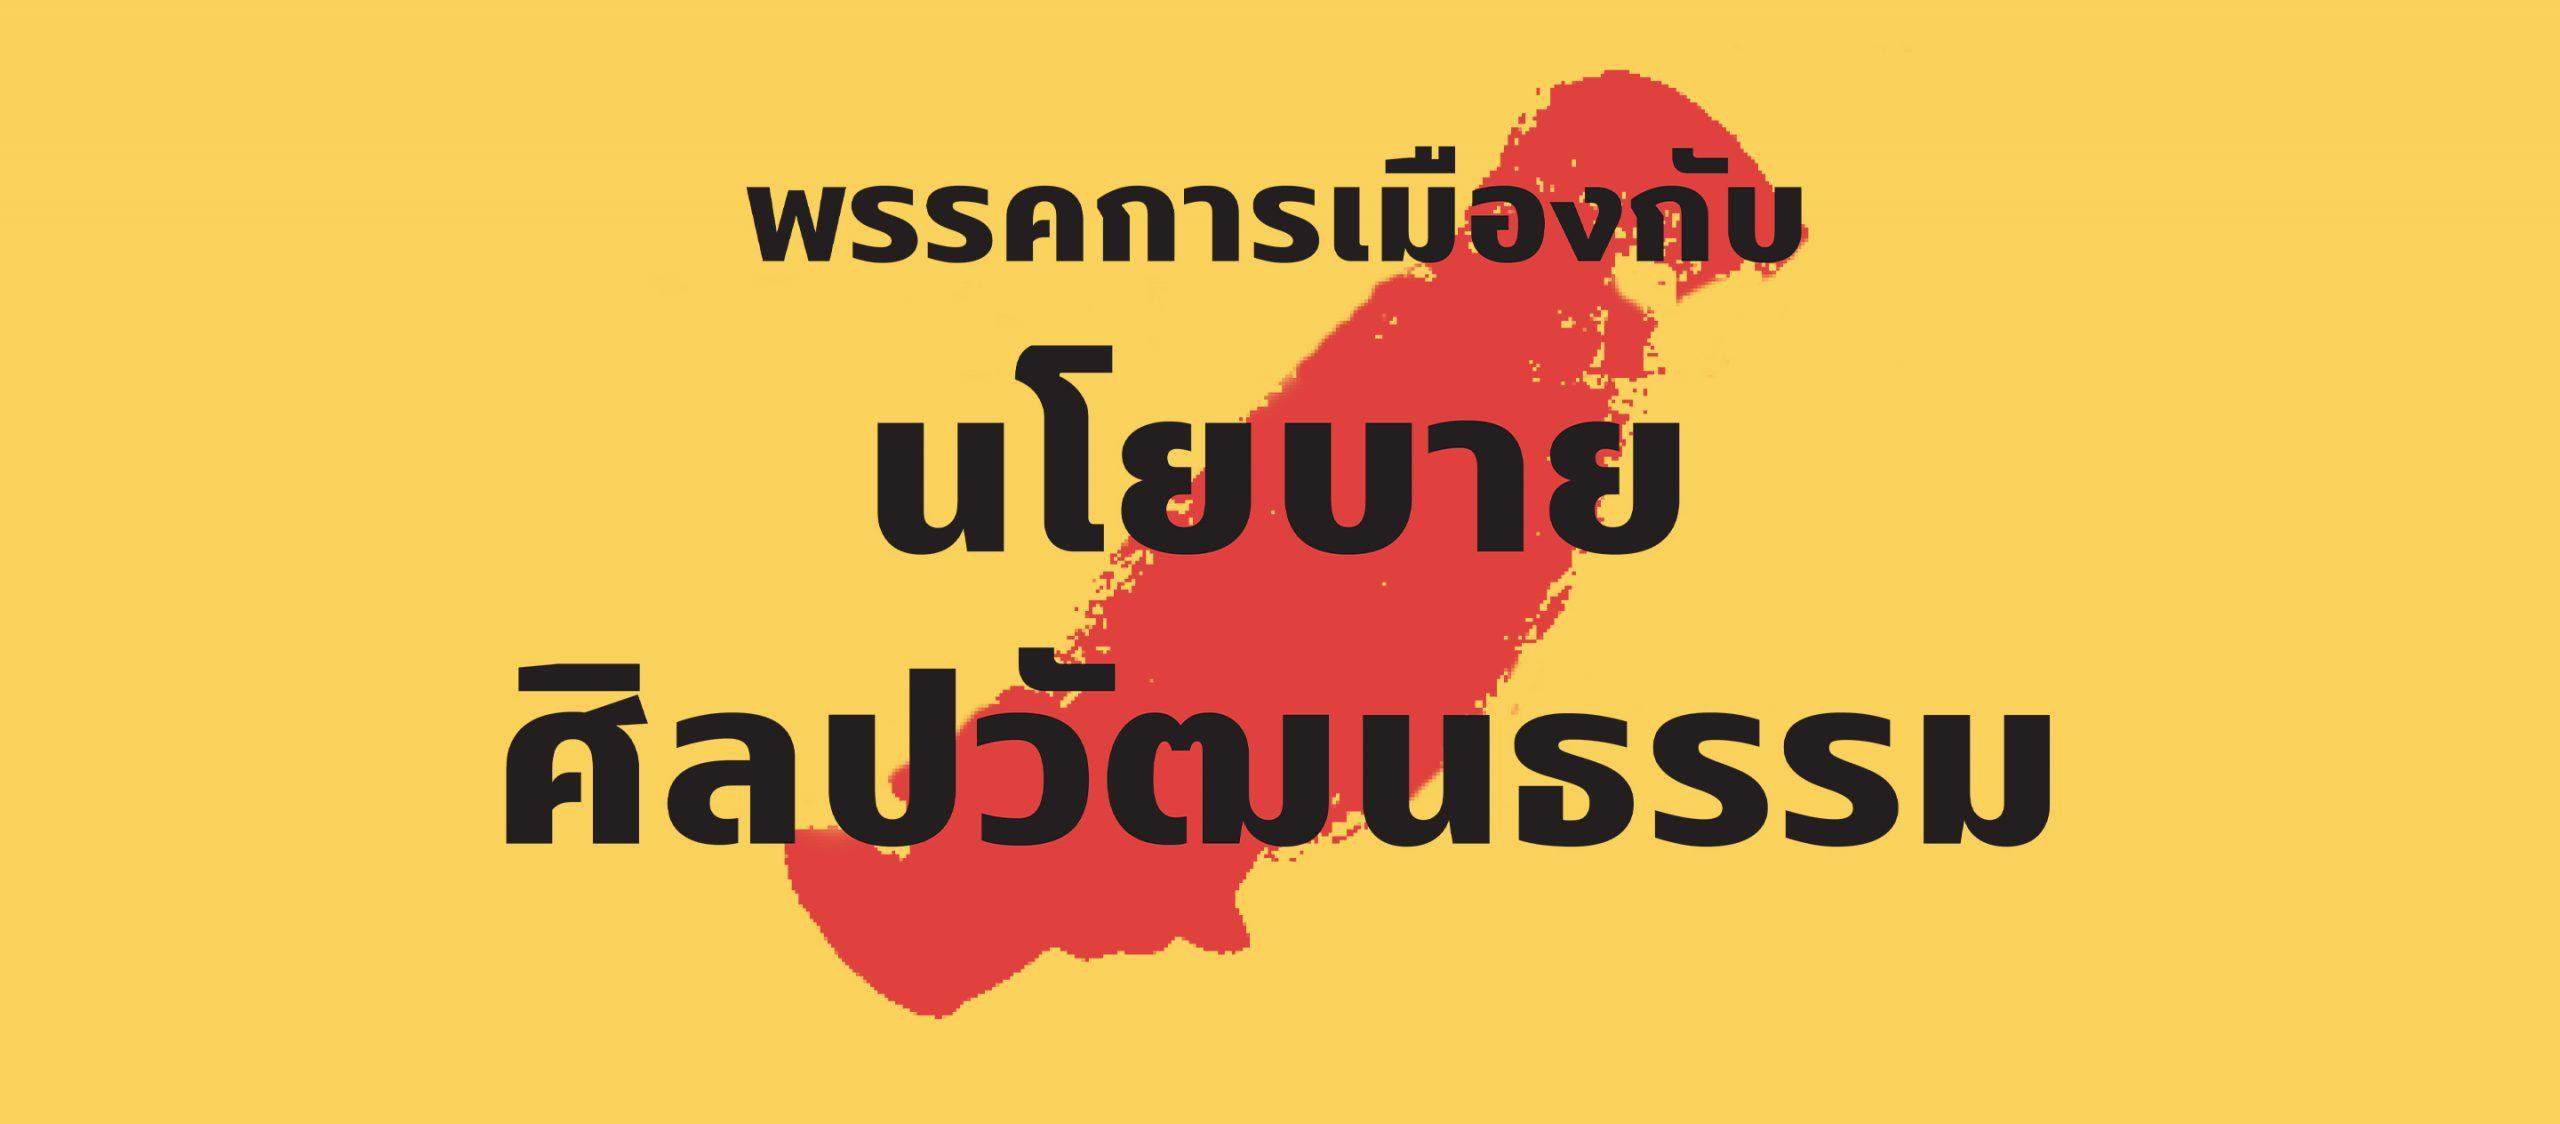 แนวคิดและนโยบายศิลปวัฒนธรรมจากพรรคการเมืองในการเลือกตั้งปี '62